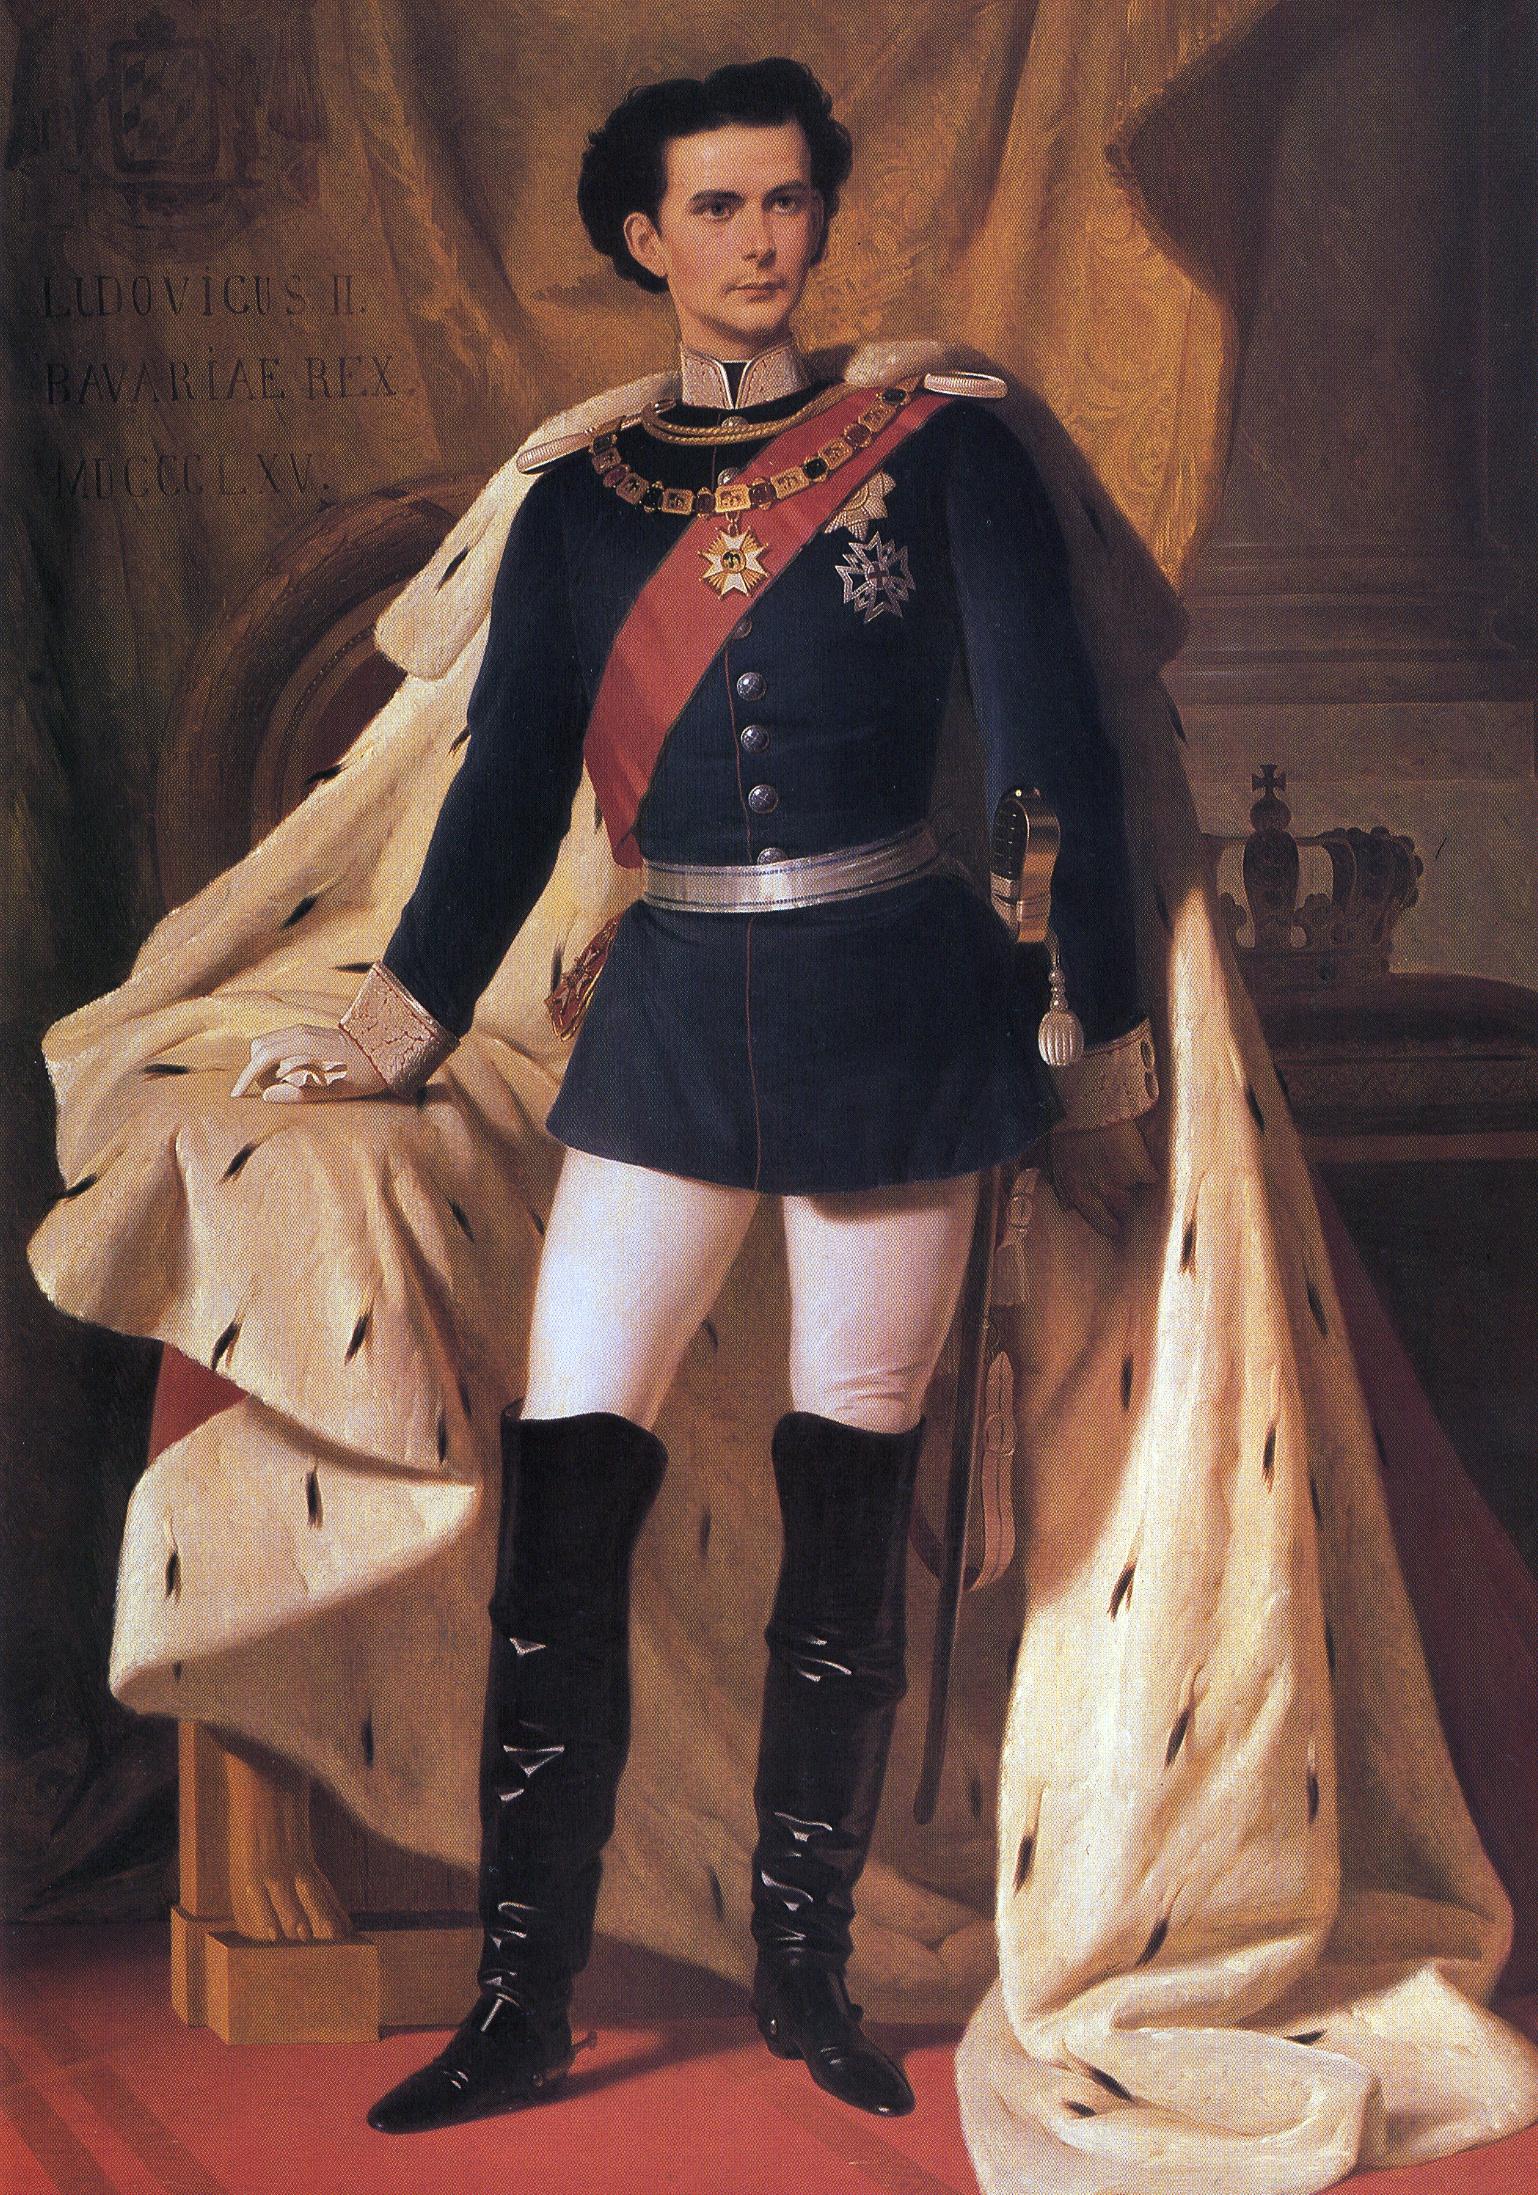 Imagini pentru Regele Bavariei Ludwig I photos